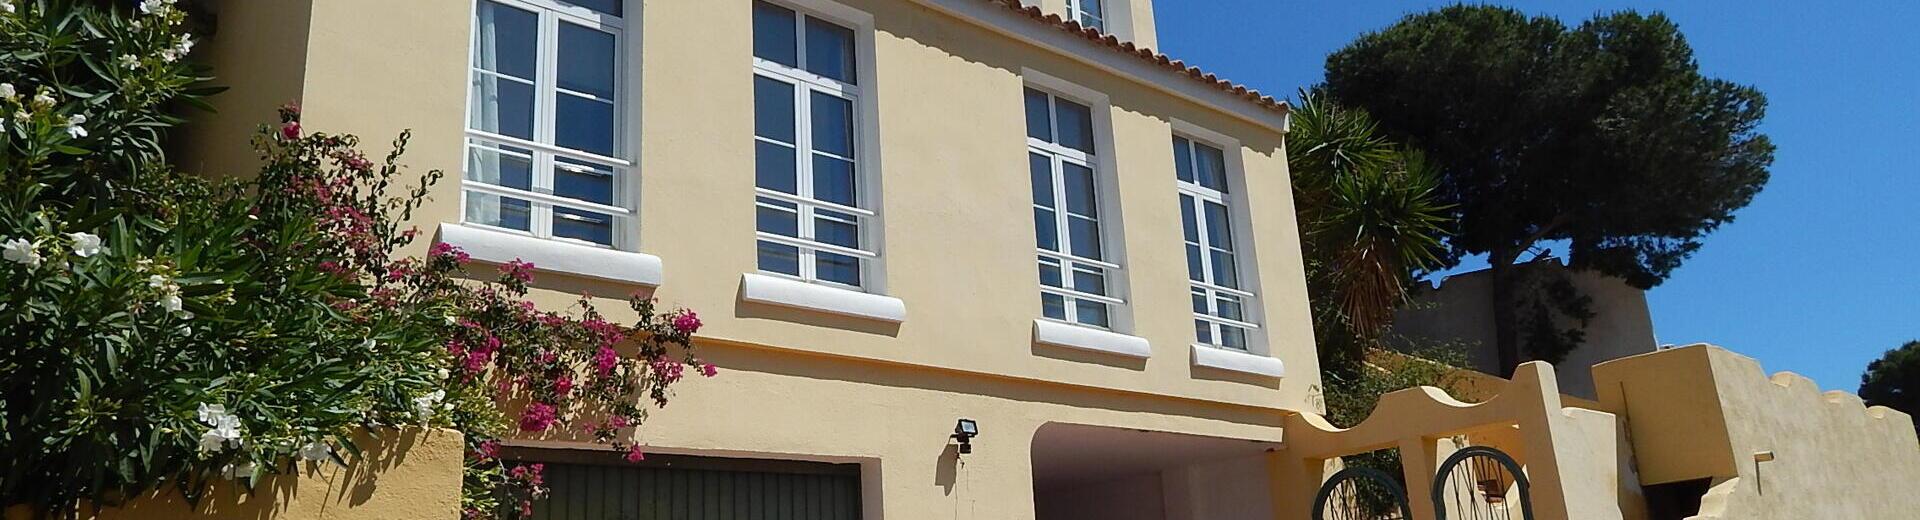 VIP7406: Villa for Sale